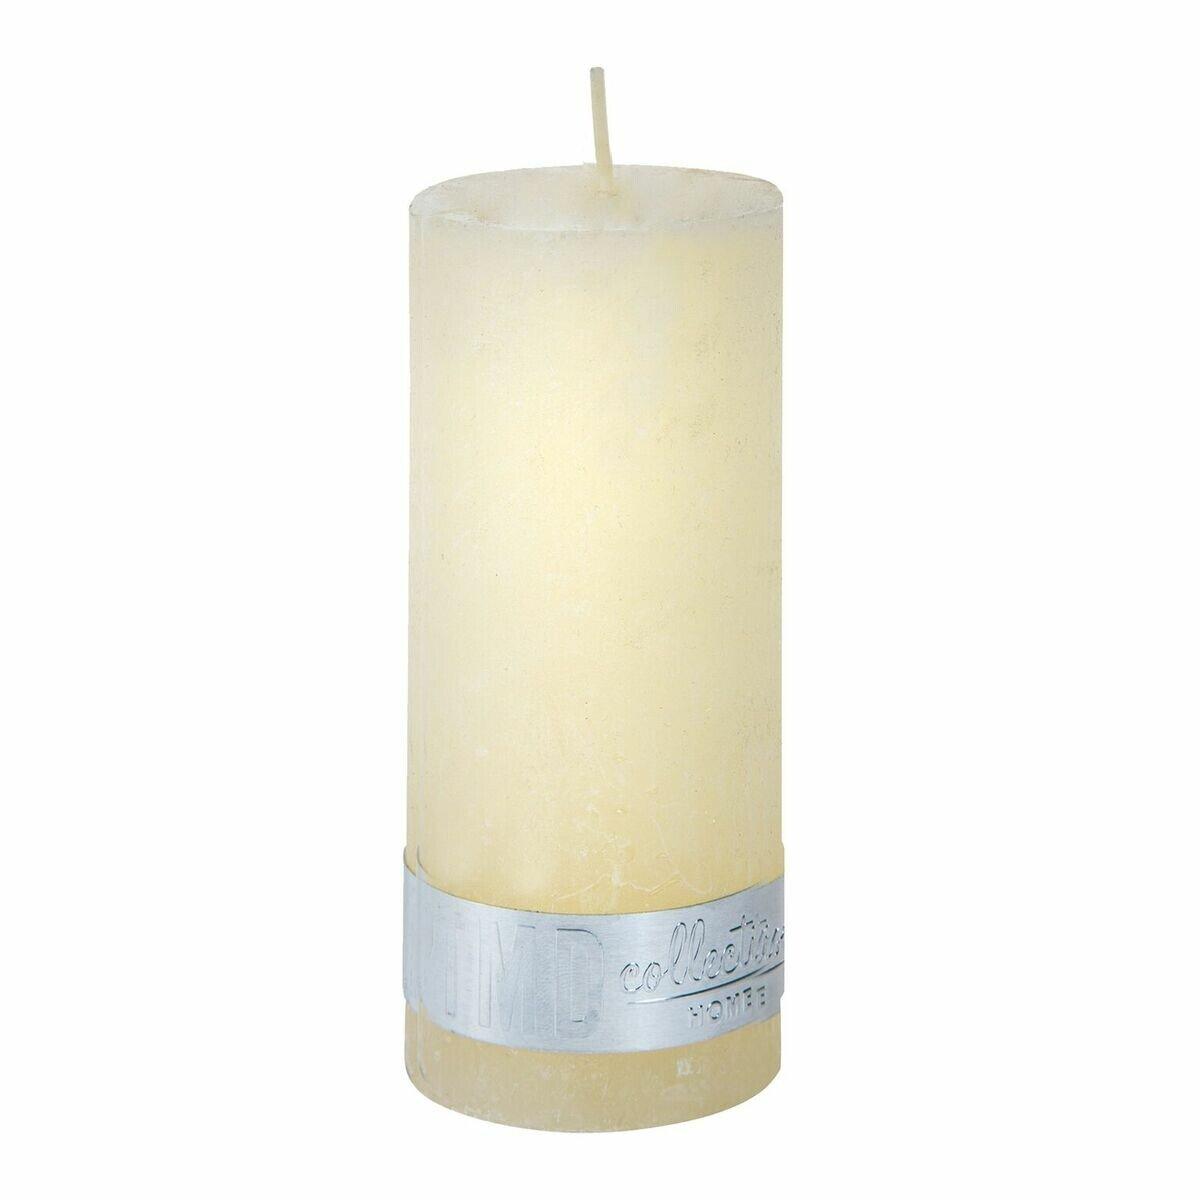 PTMD Kaars Rustic cream white pillar 12x5